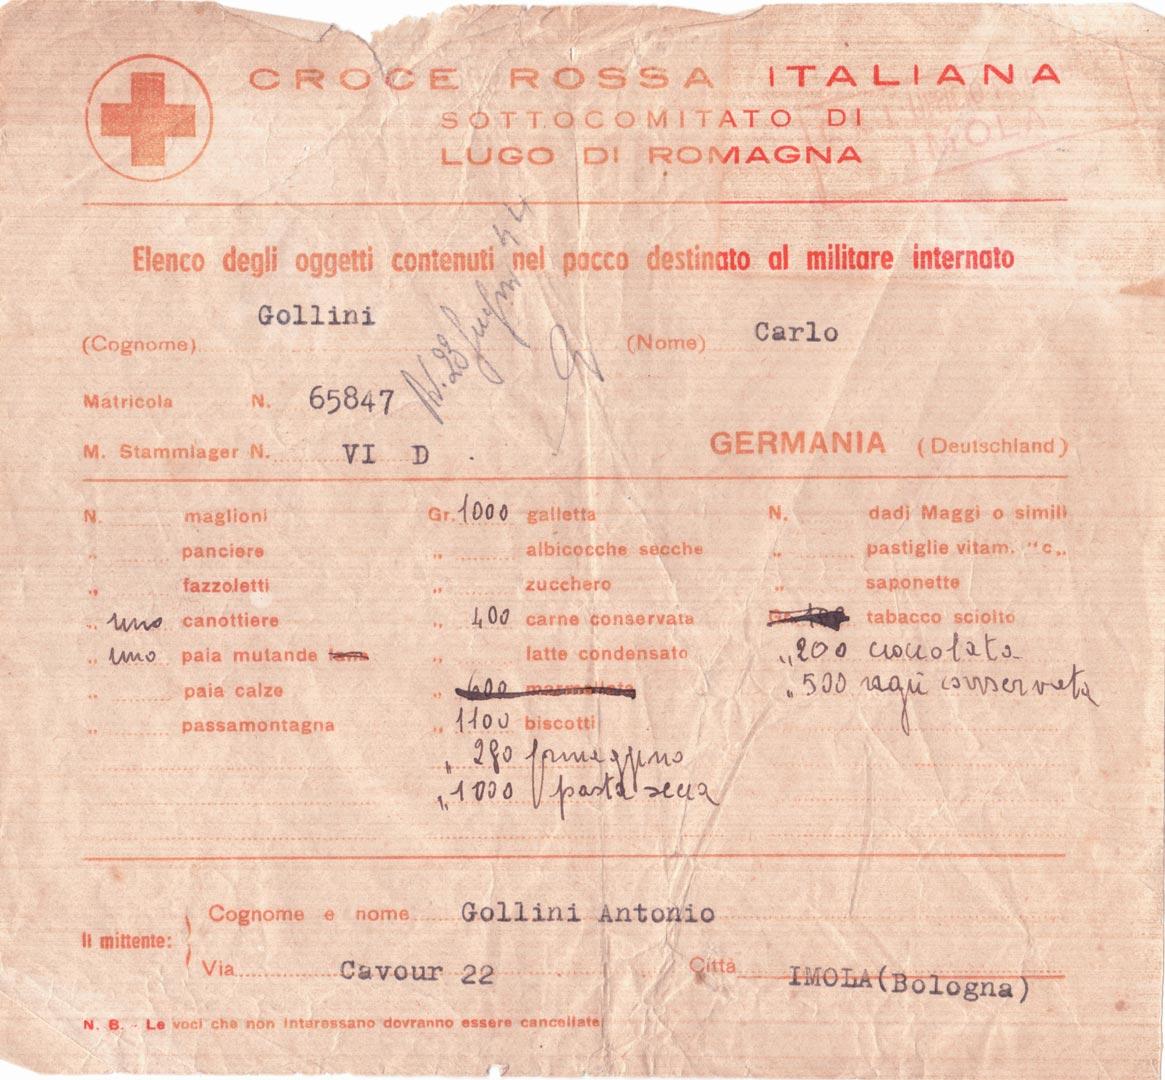 3. Modulo della Croce Rossa Italiana con l'elenco degli oggetti spediti dai famigliari agli internati (Archivio Cidra, Fondo Carlo Gollini)